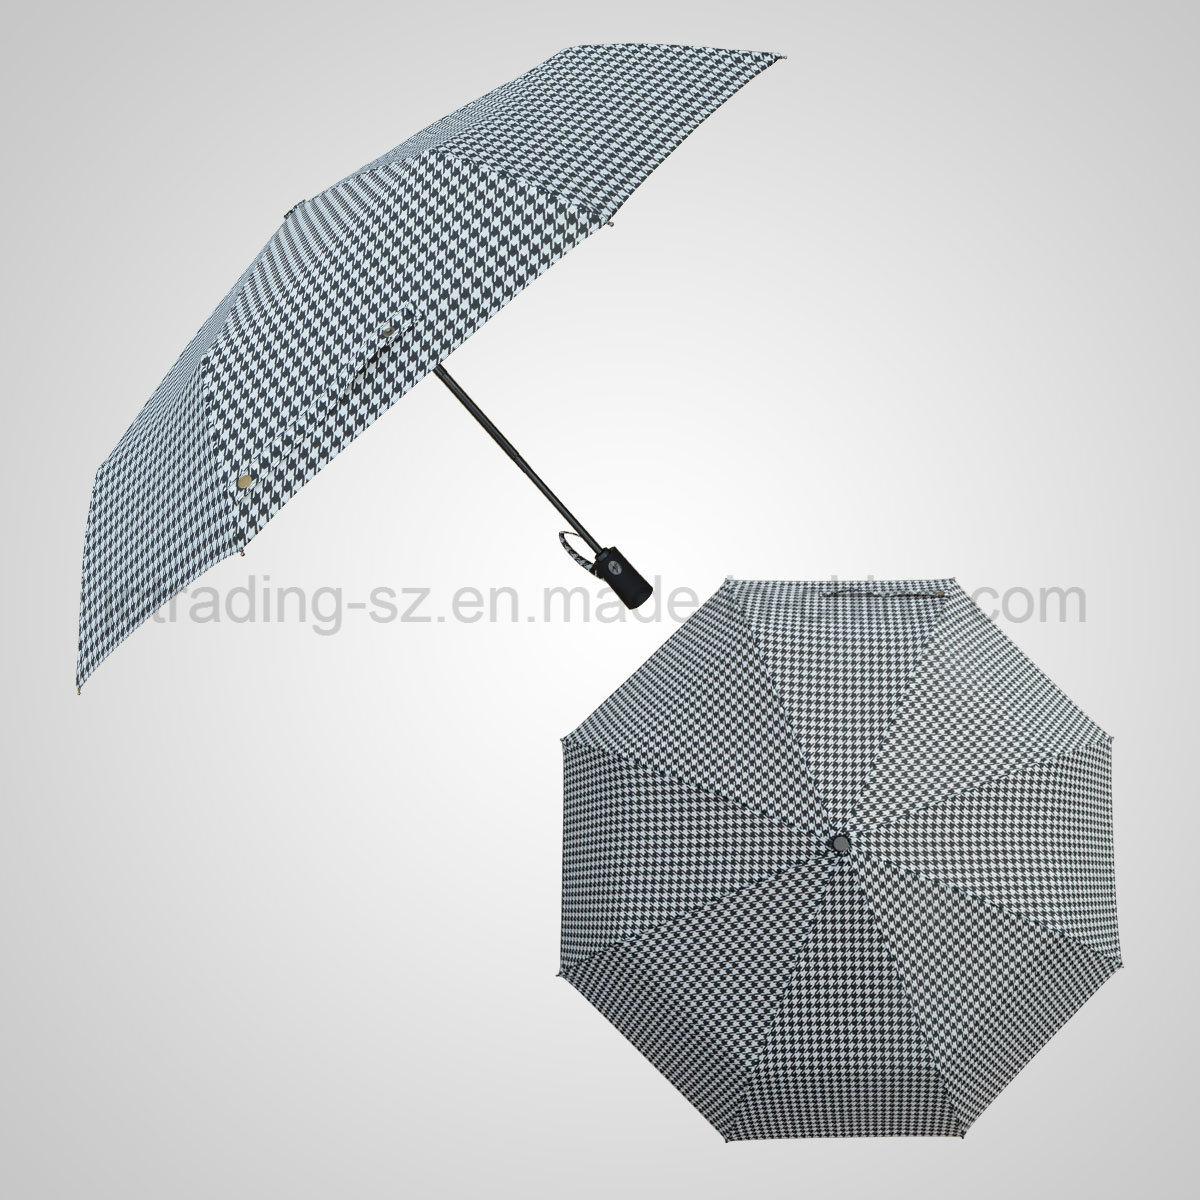 Automatic Open&Close 3 Folding Umbrella Rain Umbrella (JF-APC302)